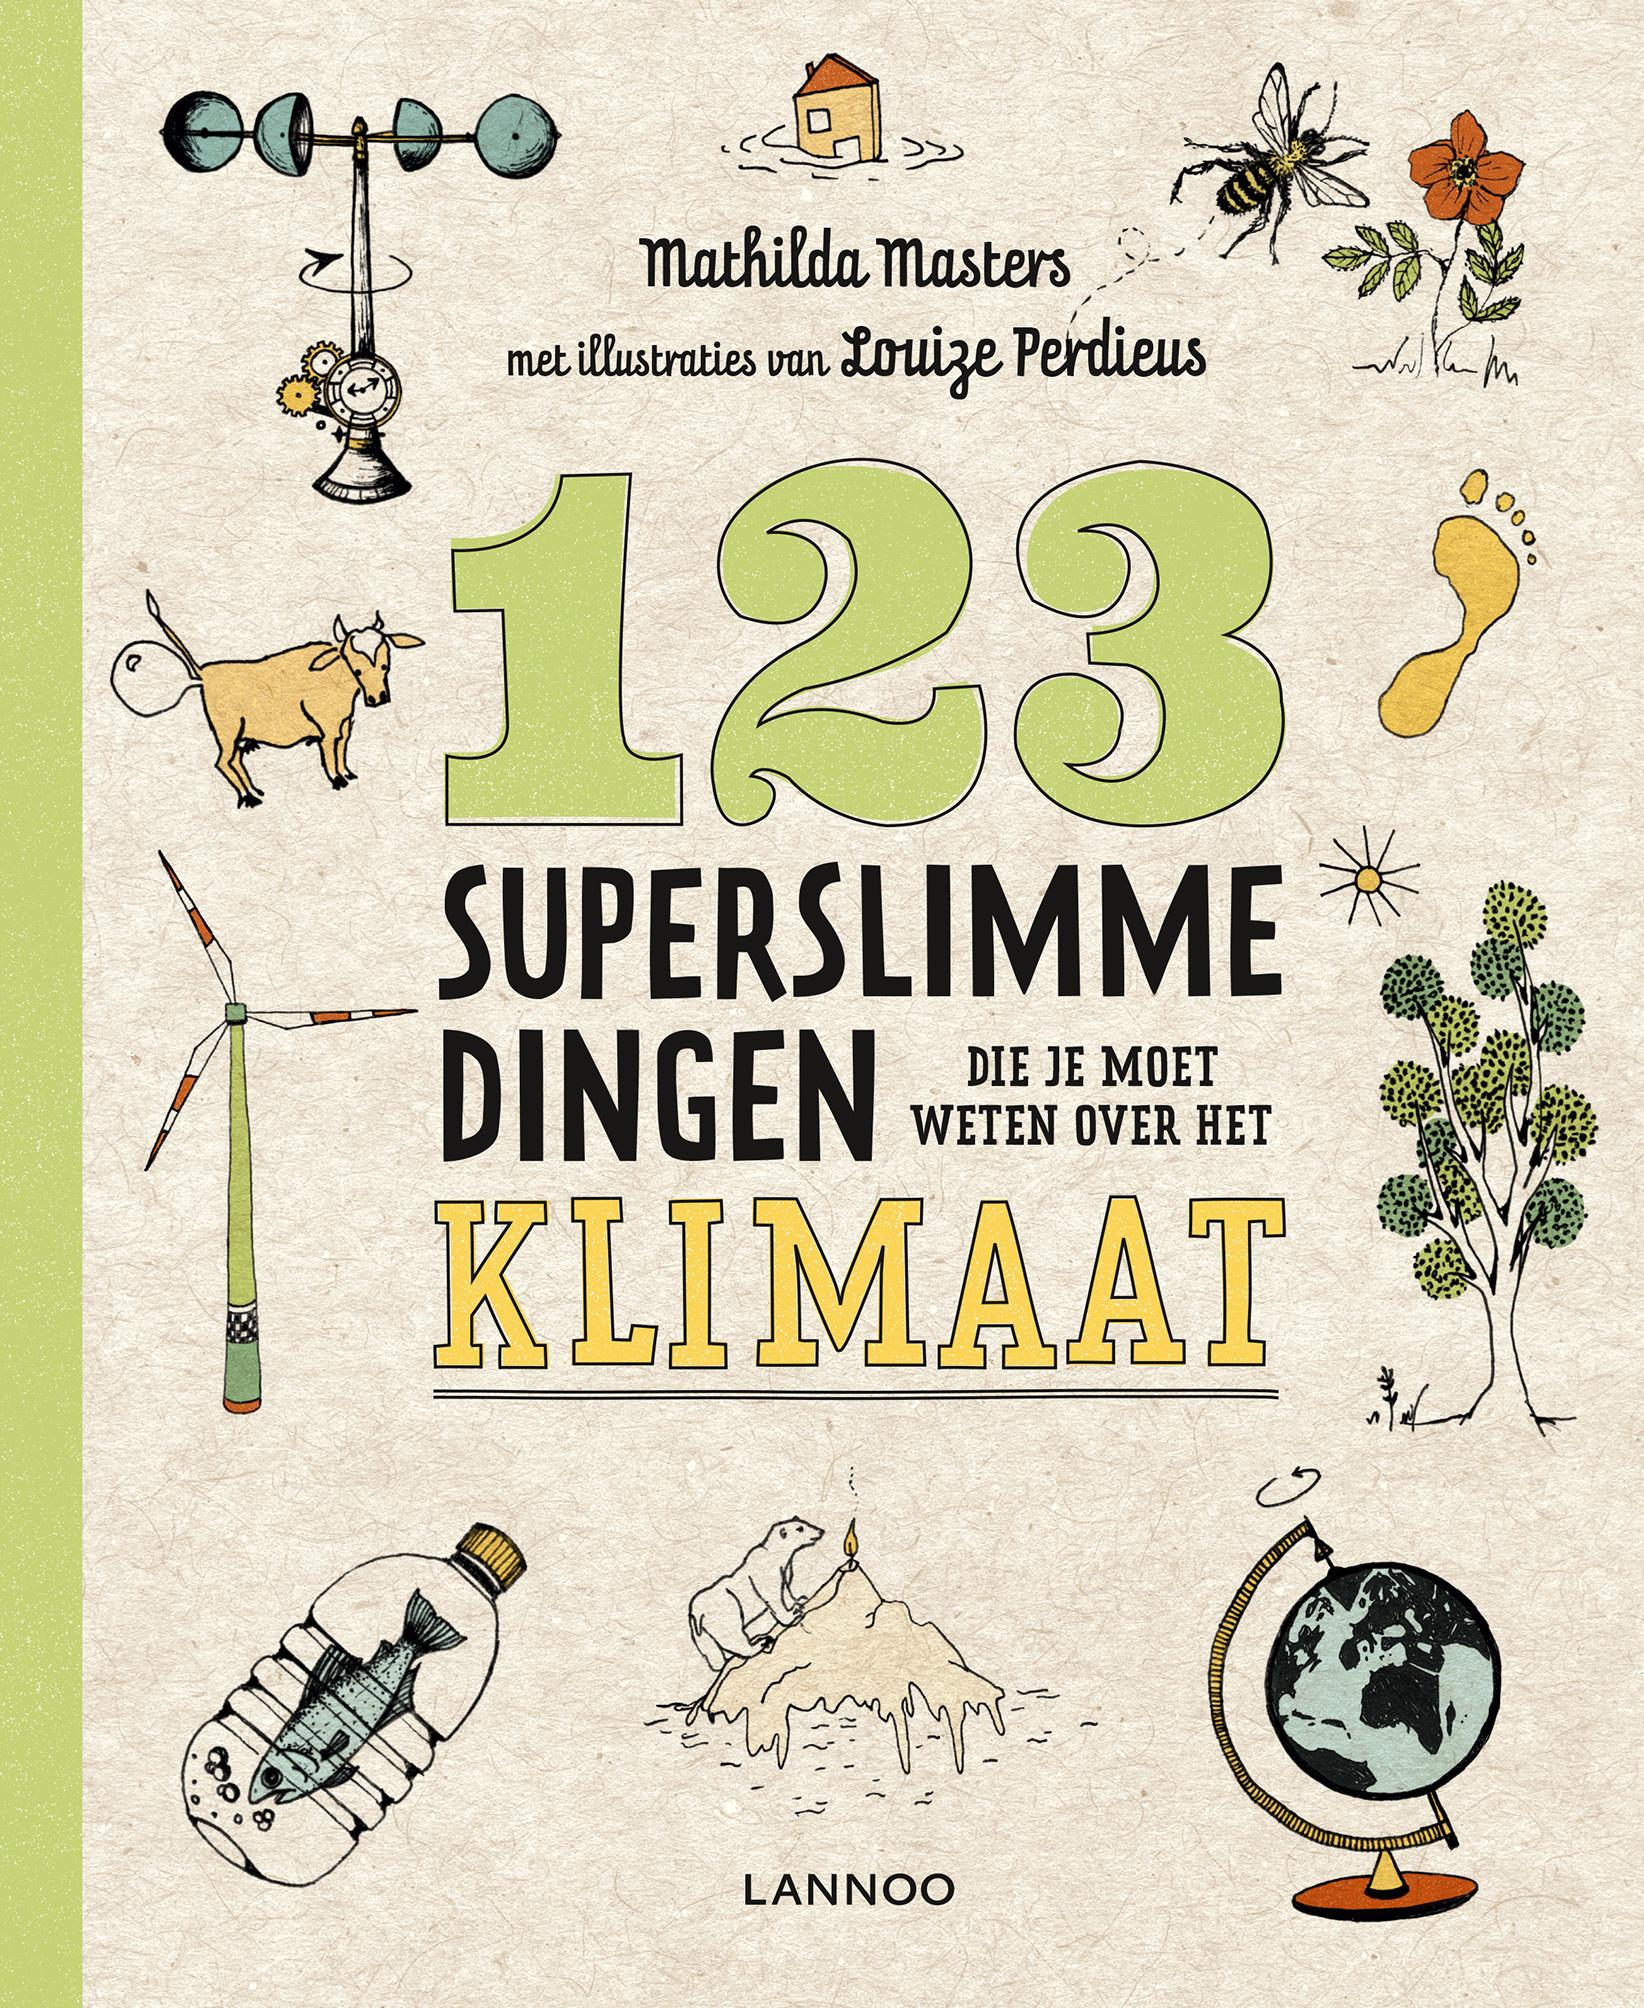 Lannoo Uitgeverij 123 superslimme dingen die je moet weten over het klimaat